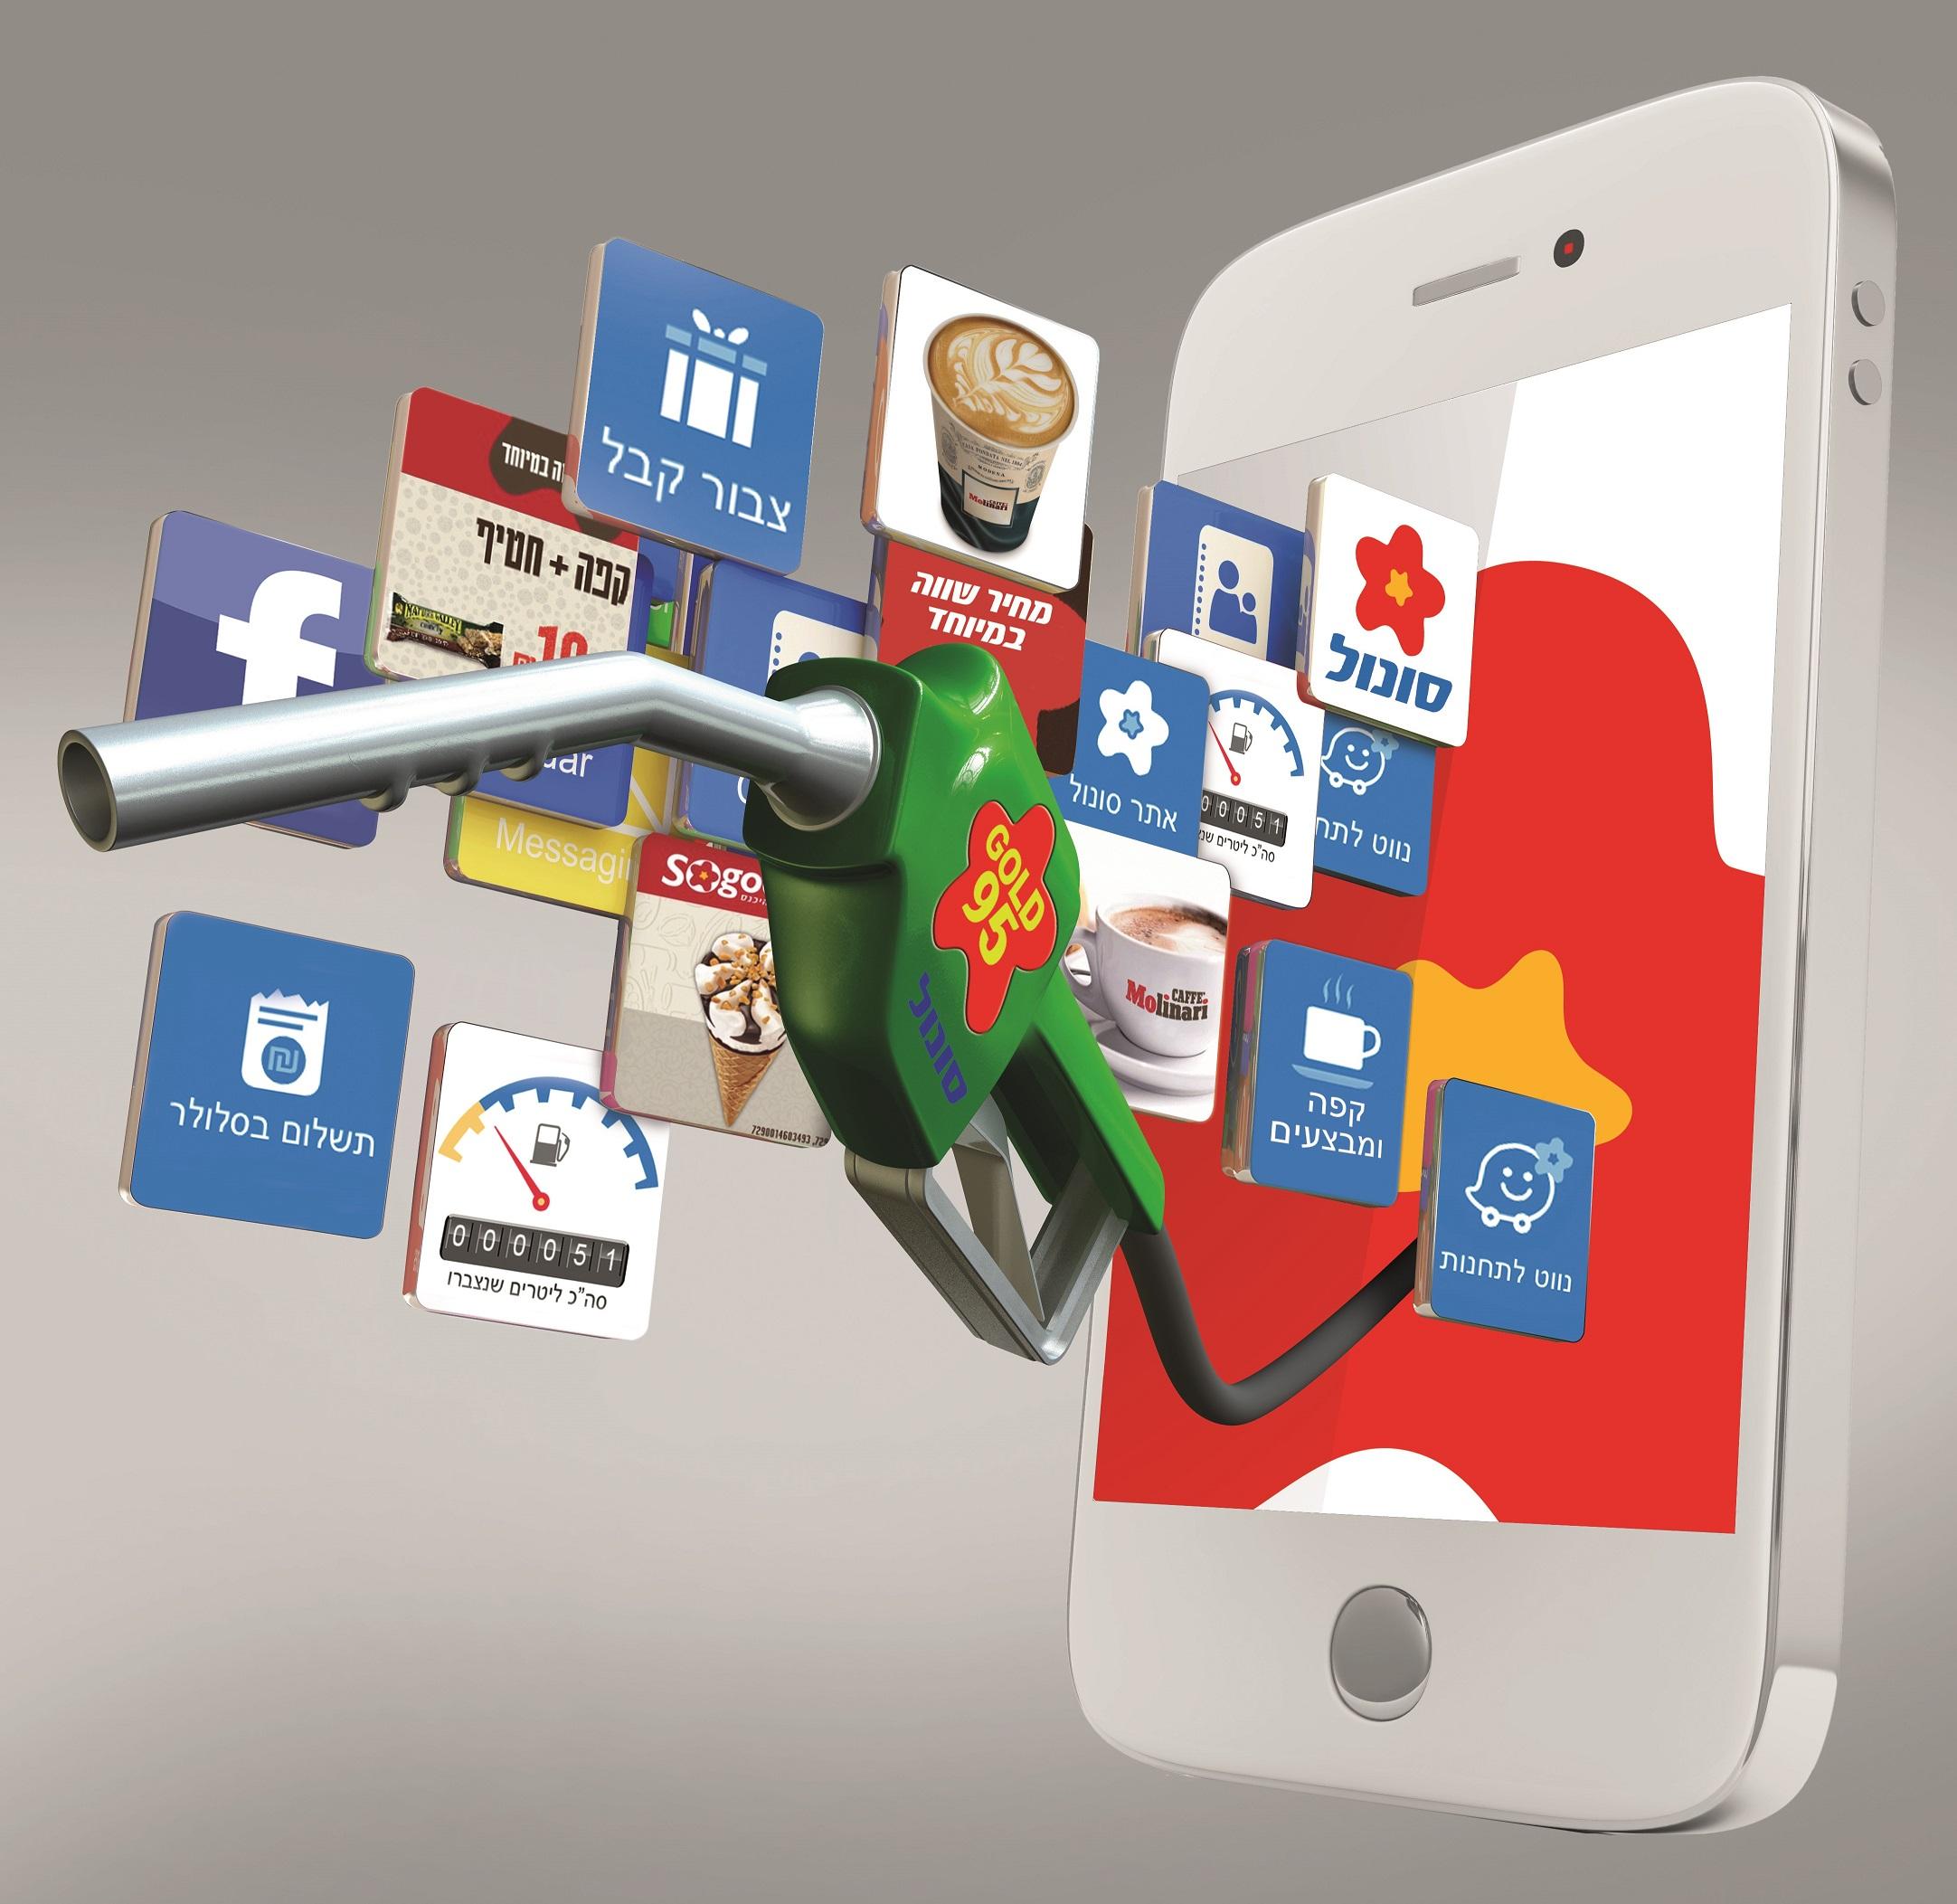 С песней по жизни: Sonol рекомендует лучшие музыкальные приложения для смартфонов